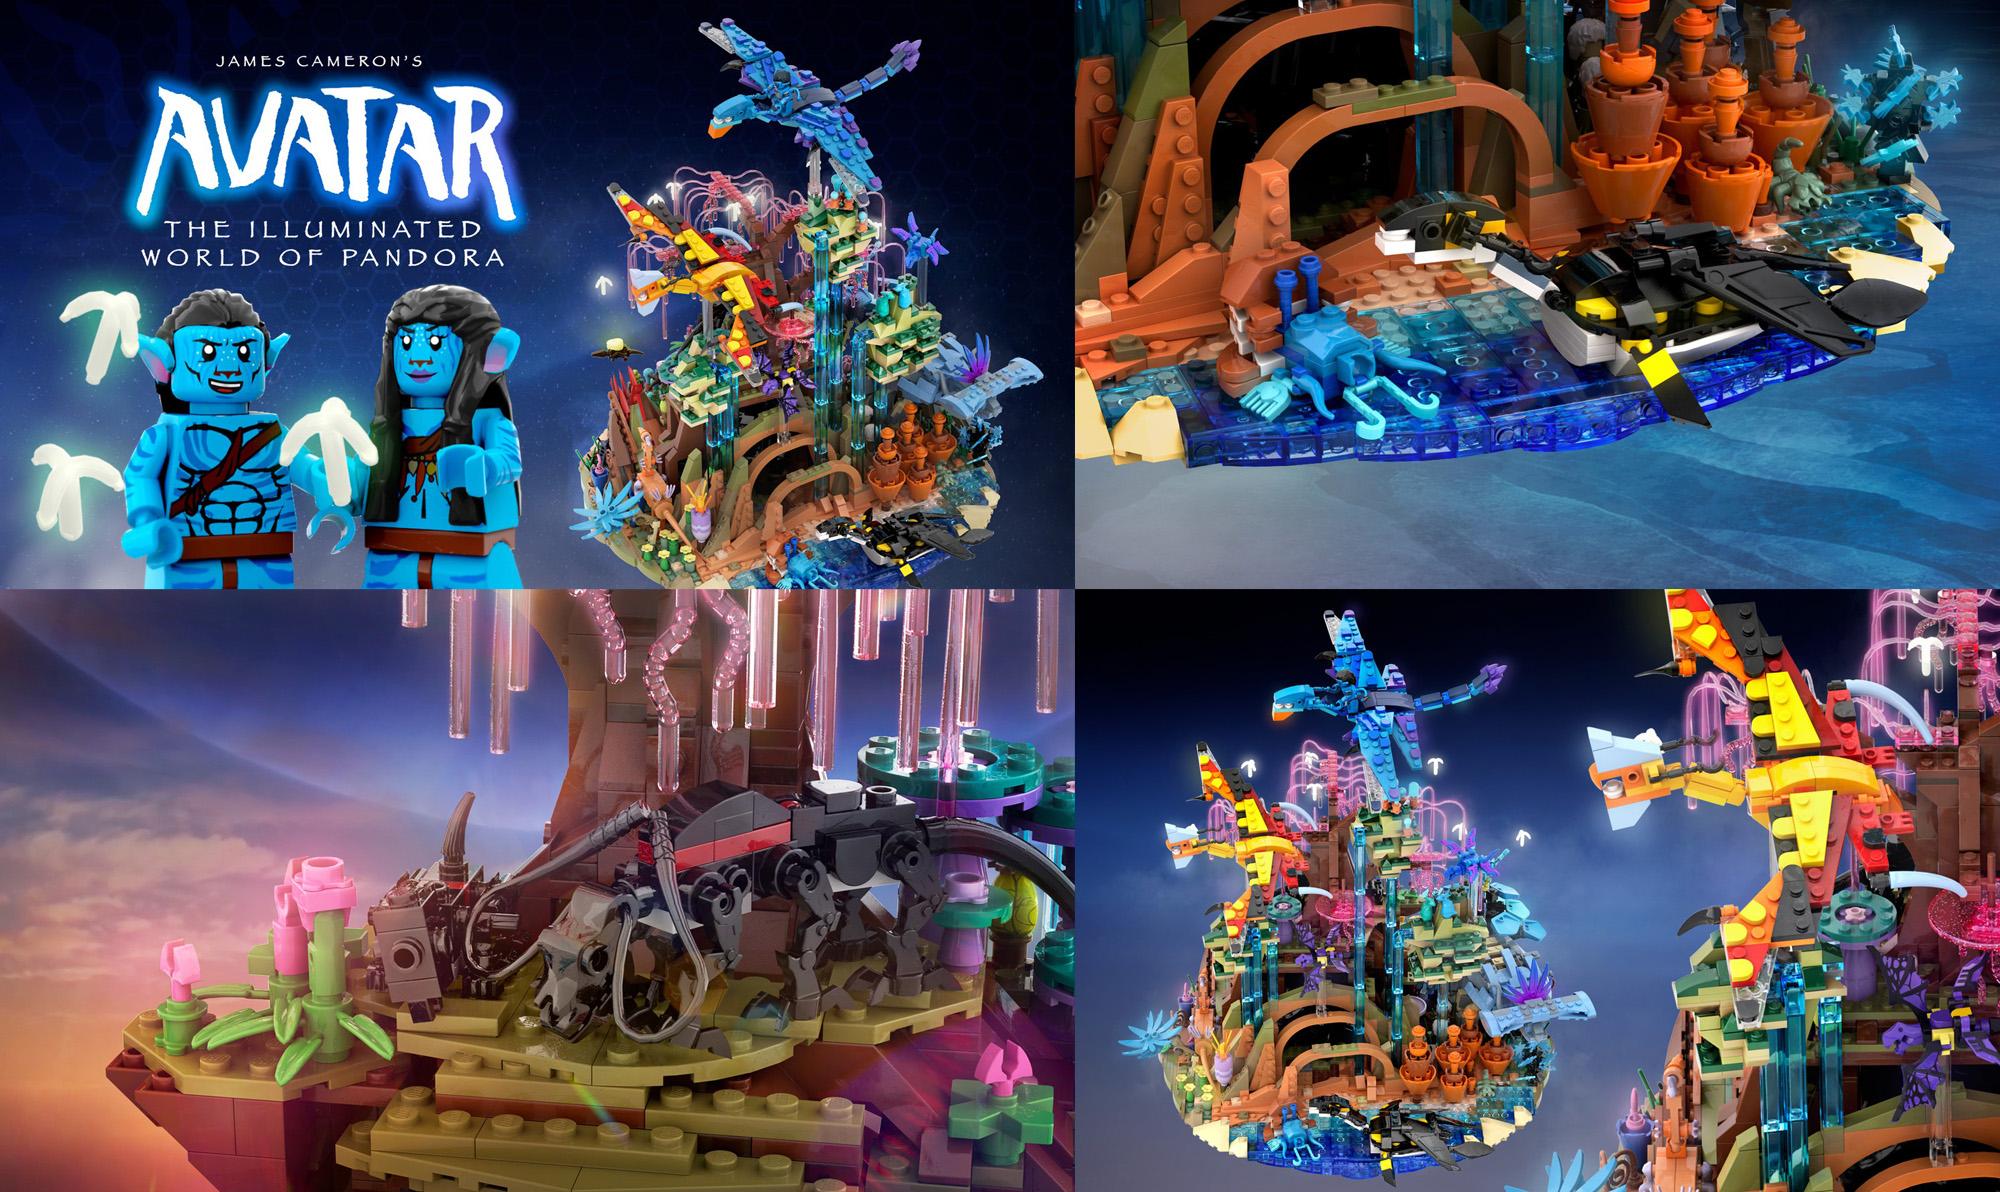 アバター:美しいパンドラの世界:The Illuminated World of Pandora